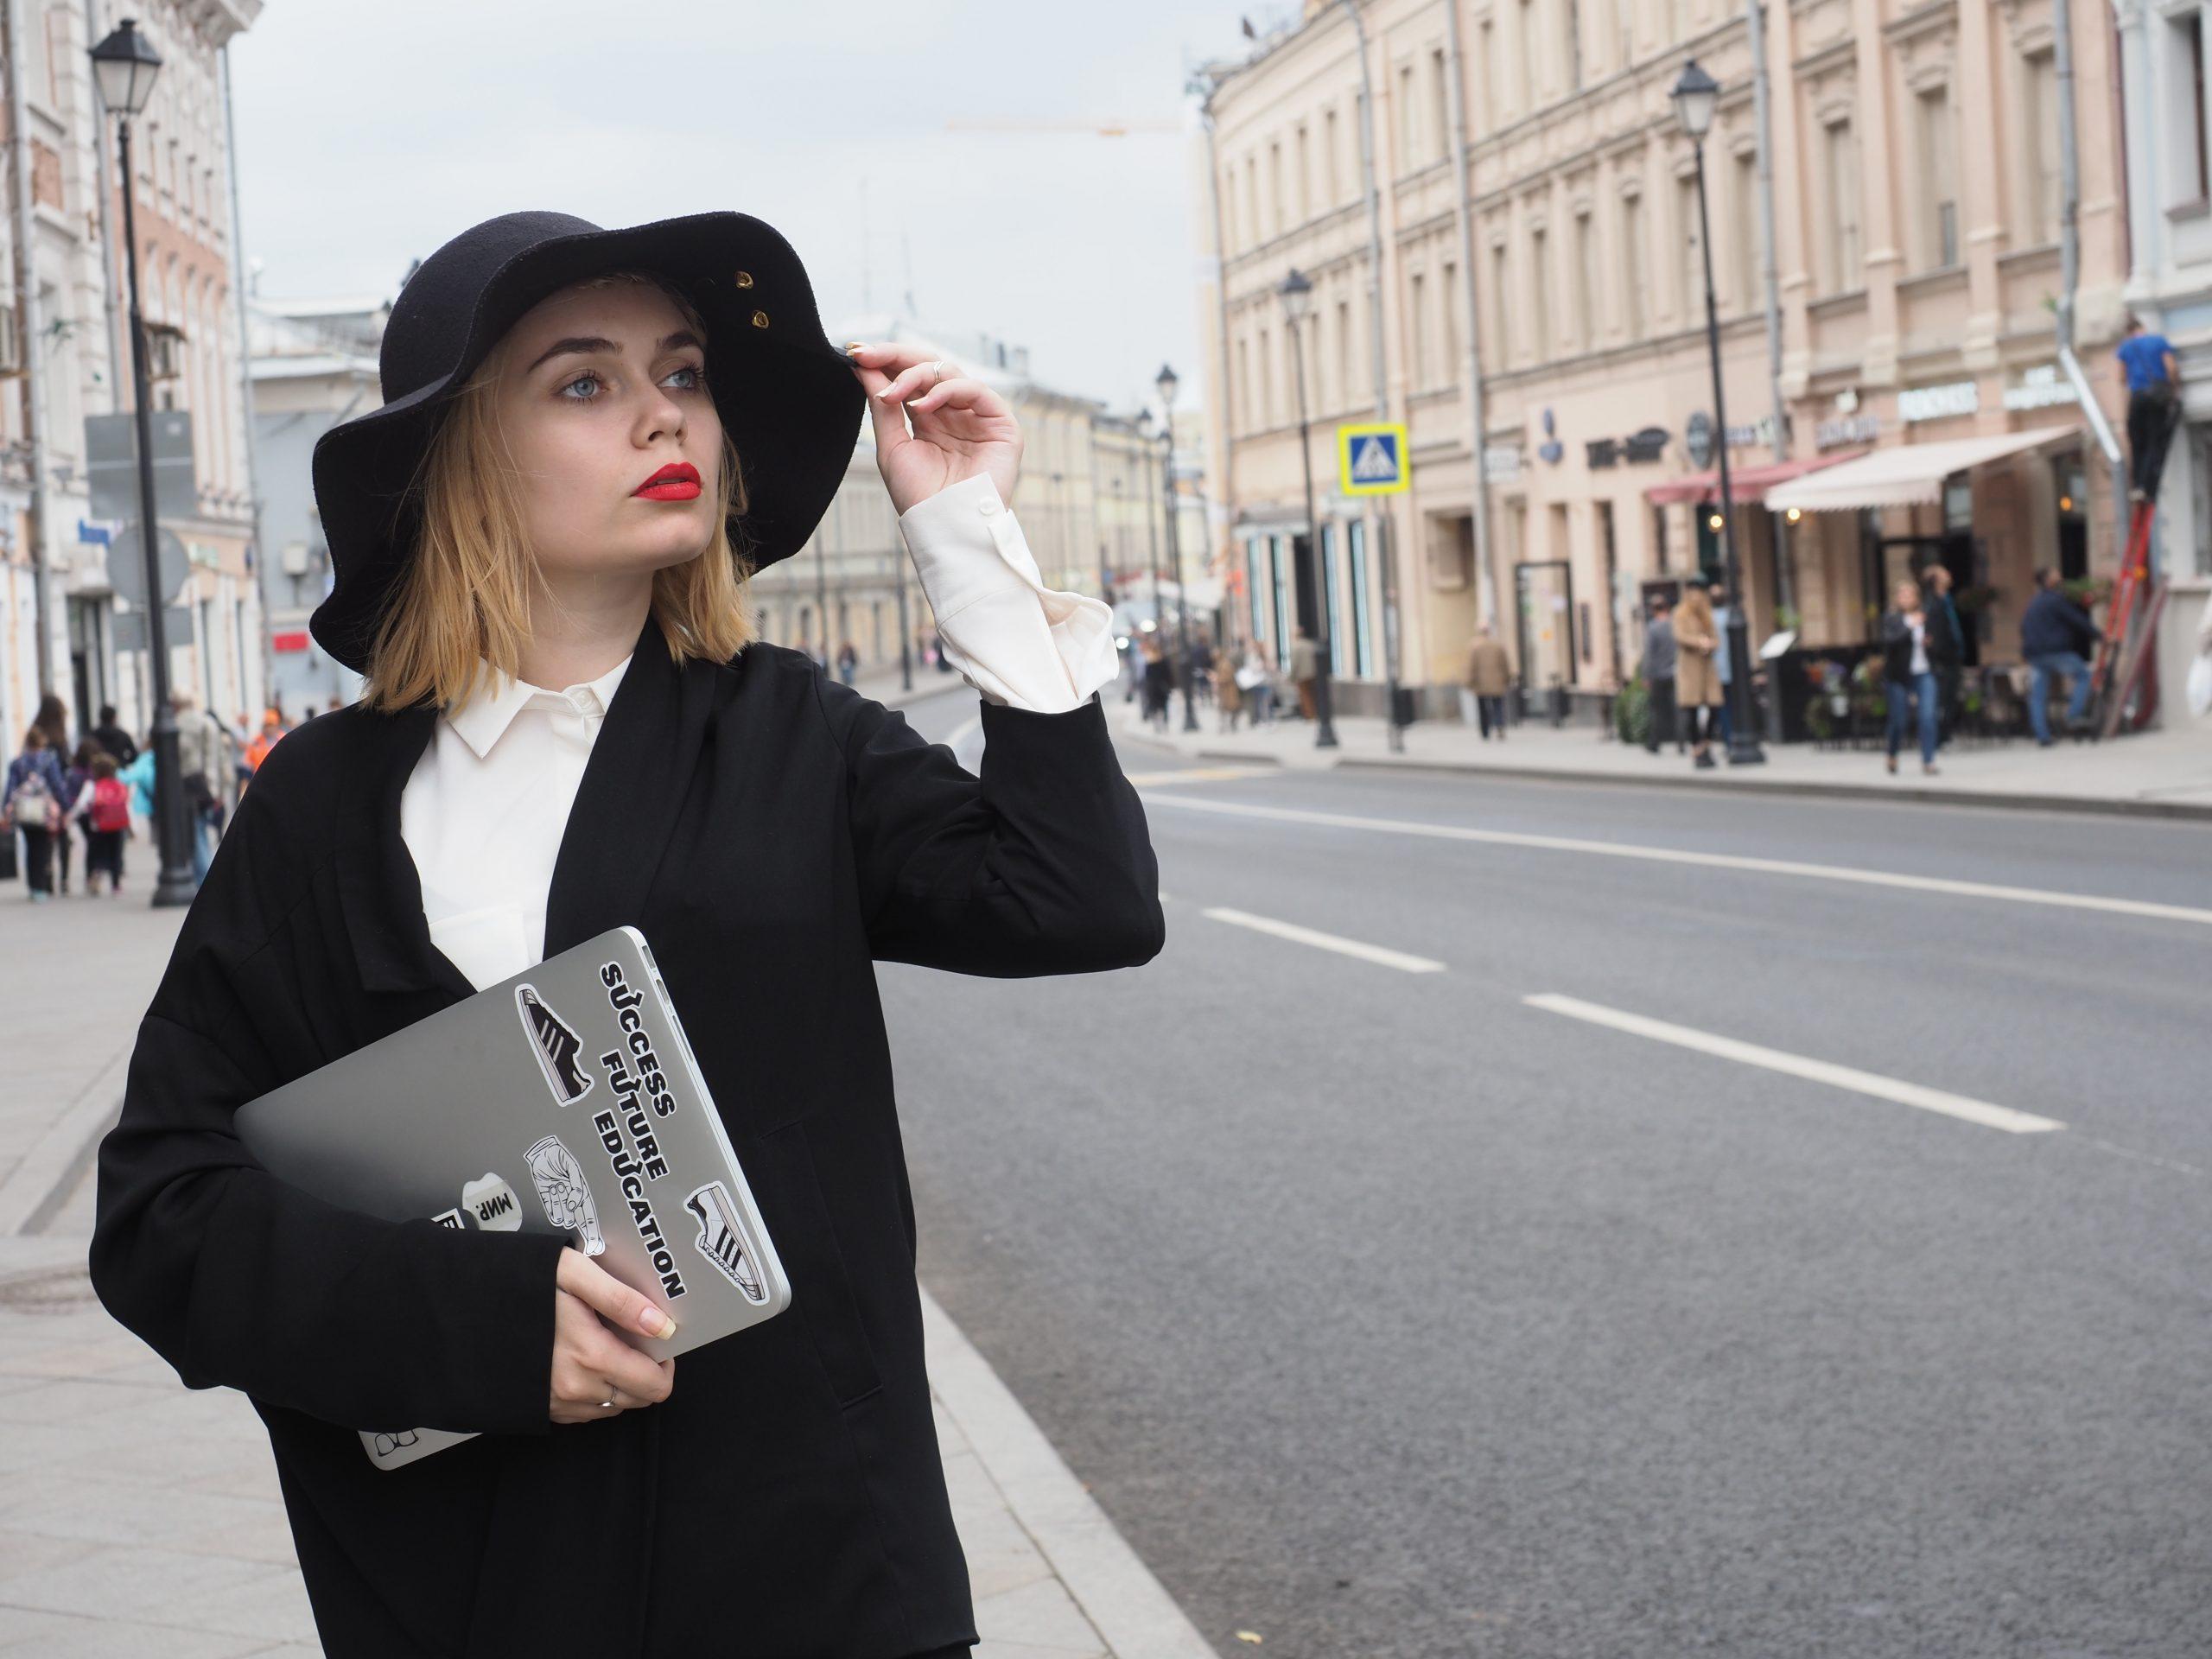 Жителям Москвы рассказали о типичном летнем женском гардеробе в 1920-1930-х годах